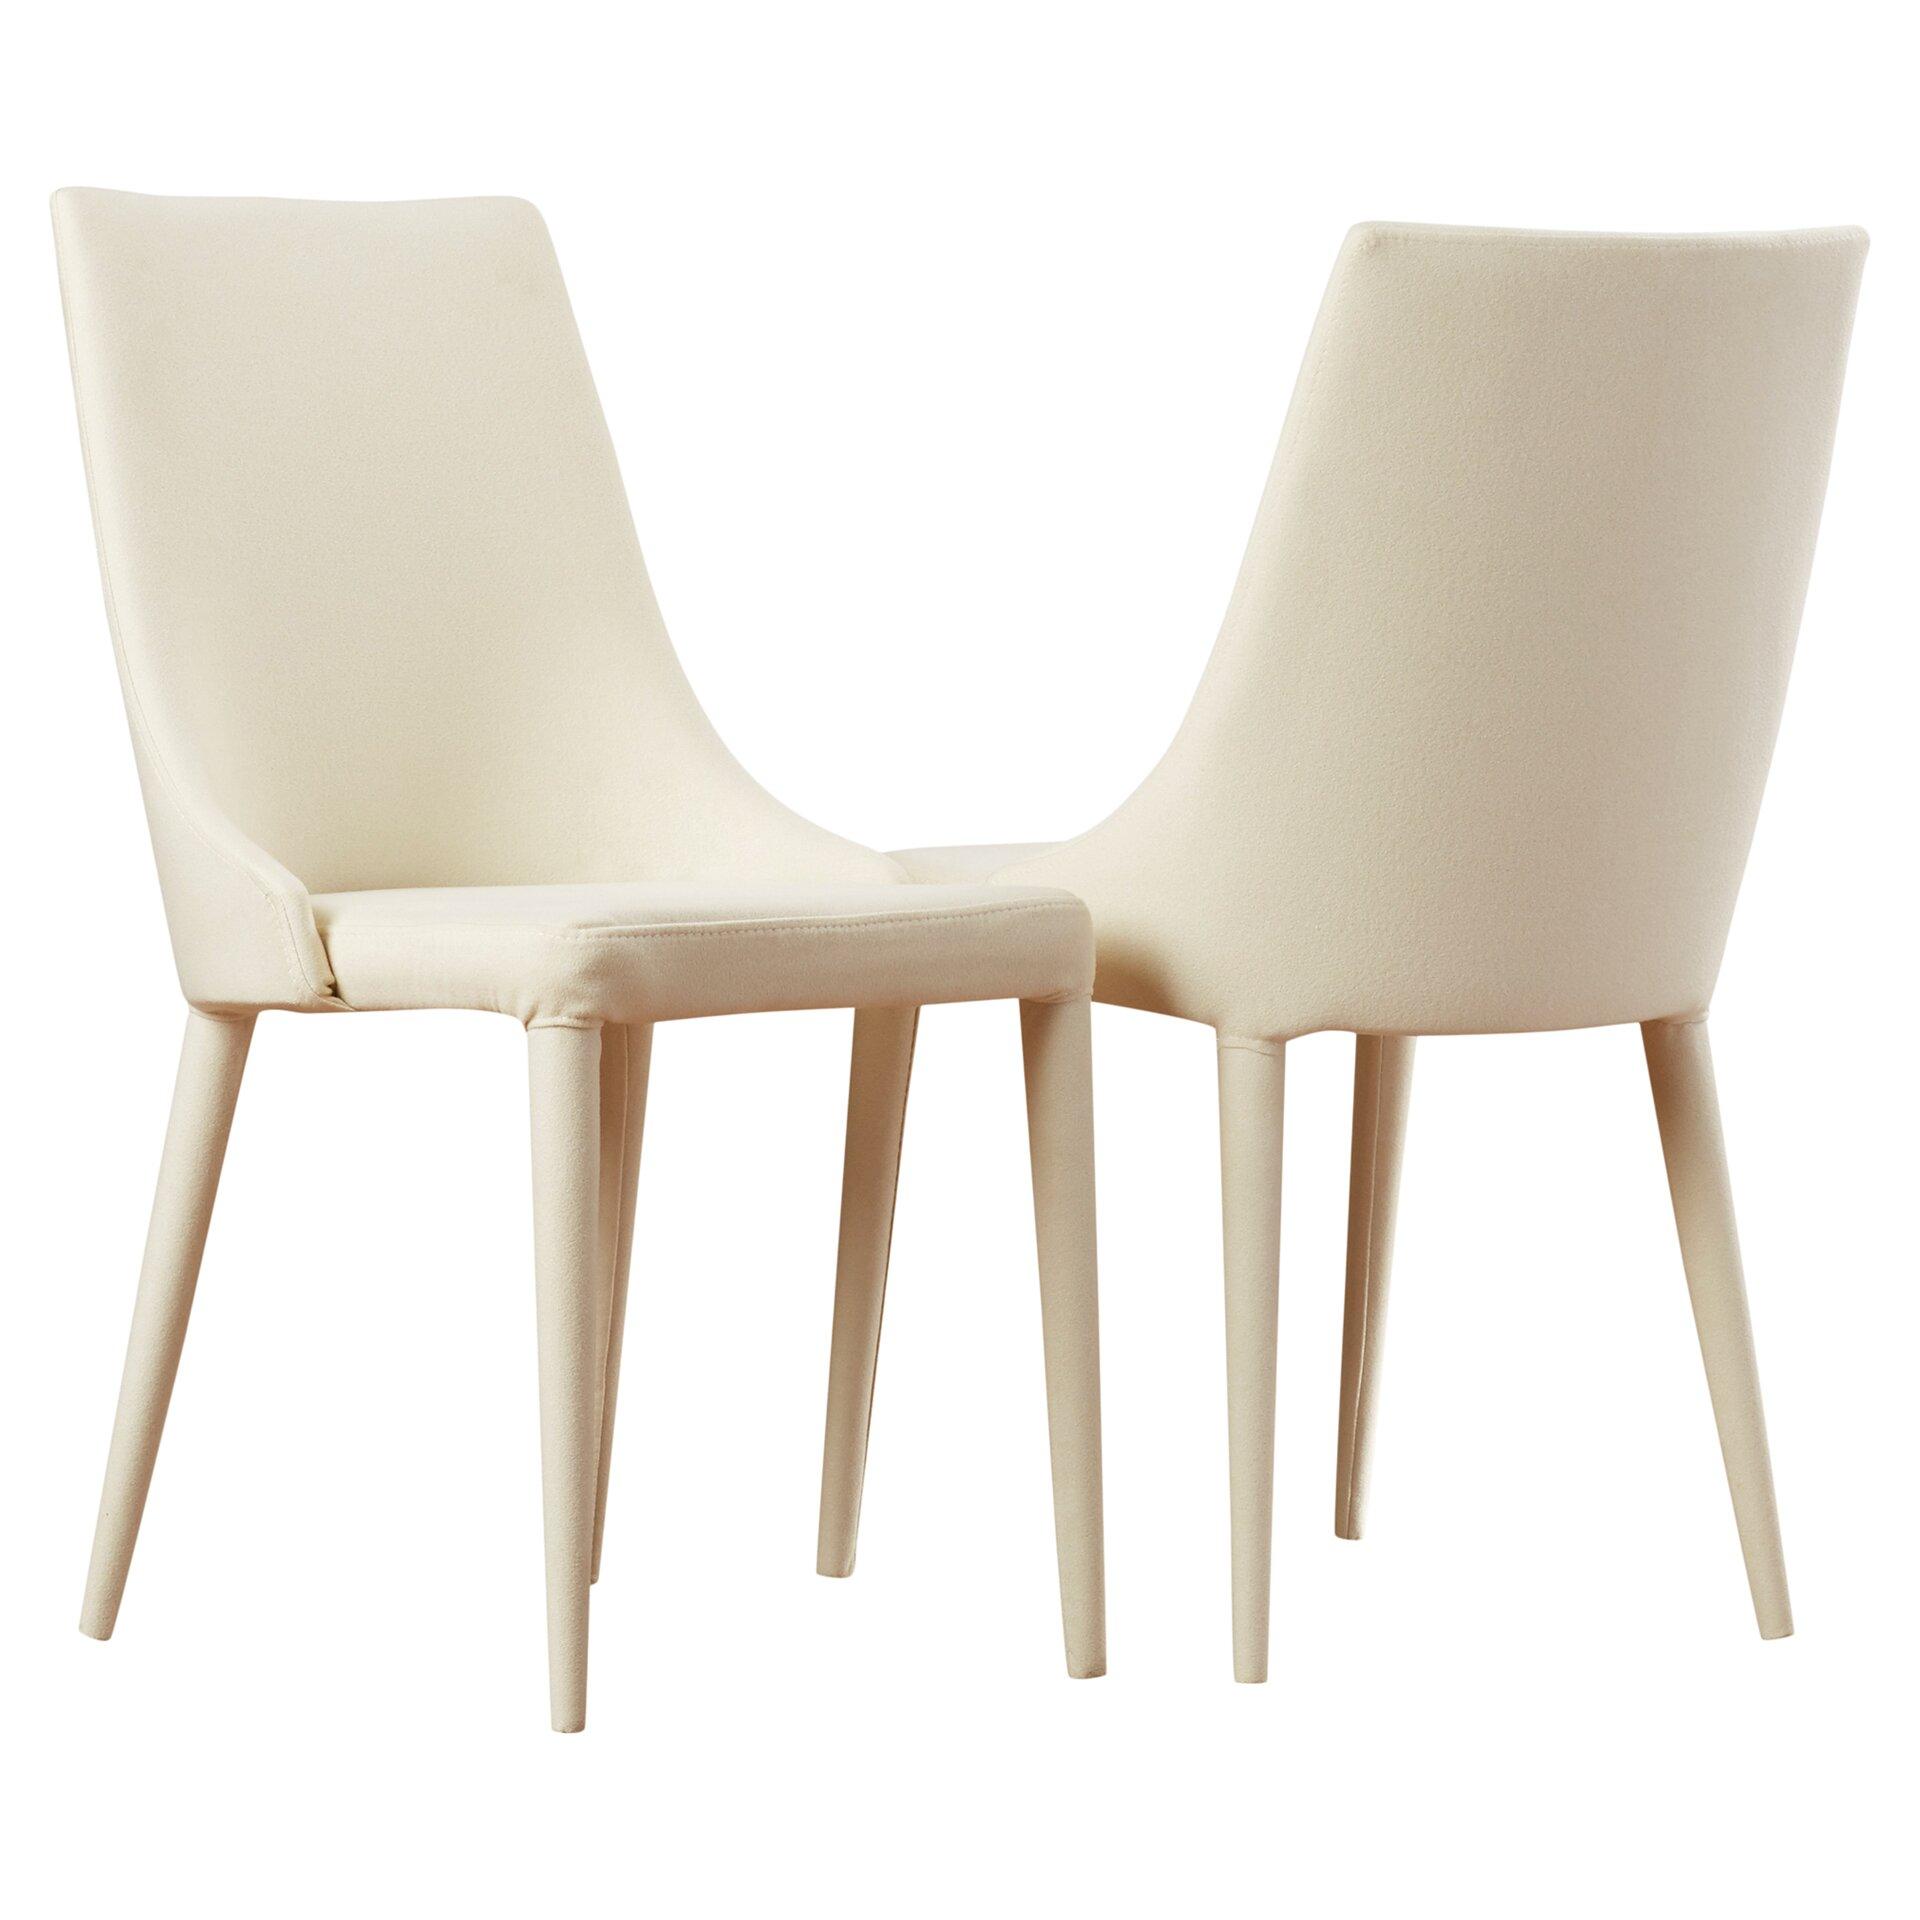 Corrigan Studio Lebron Side Chair In Cloth Sponge Linen